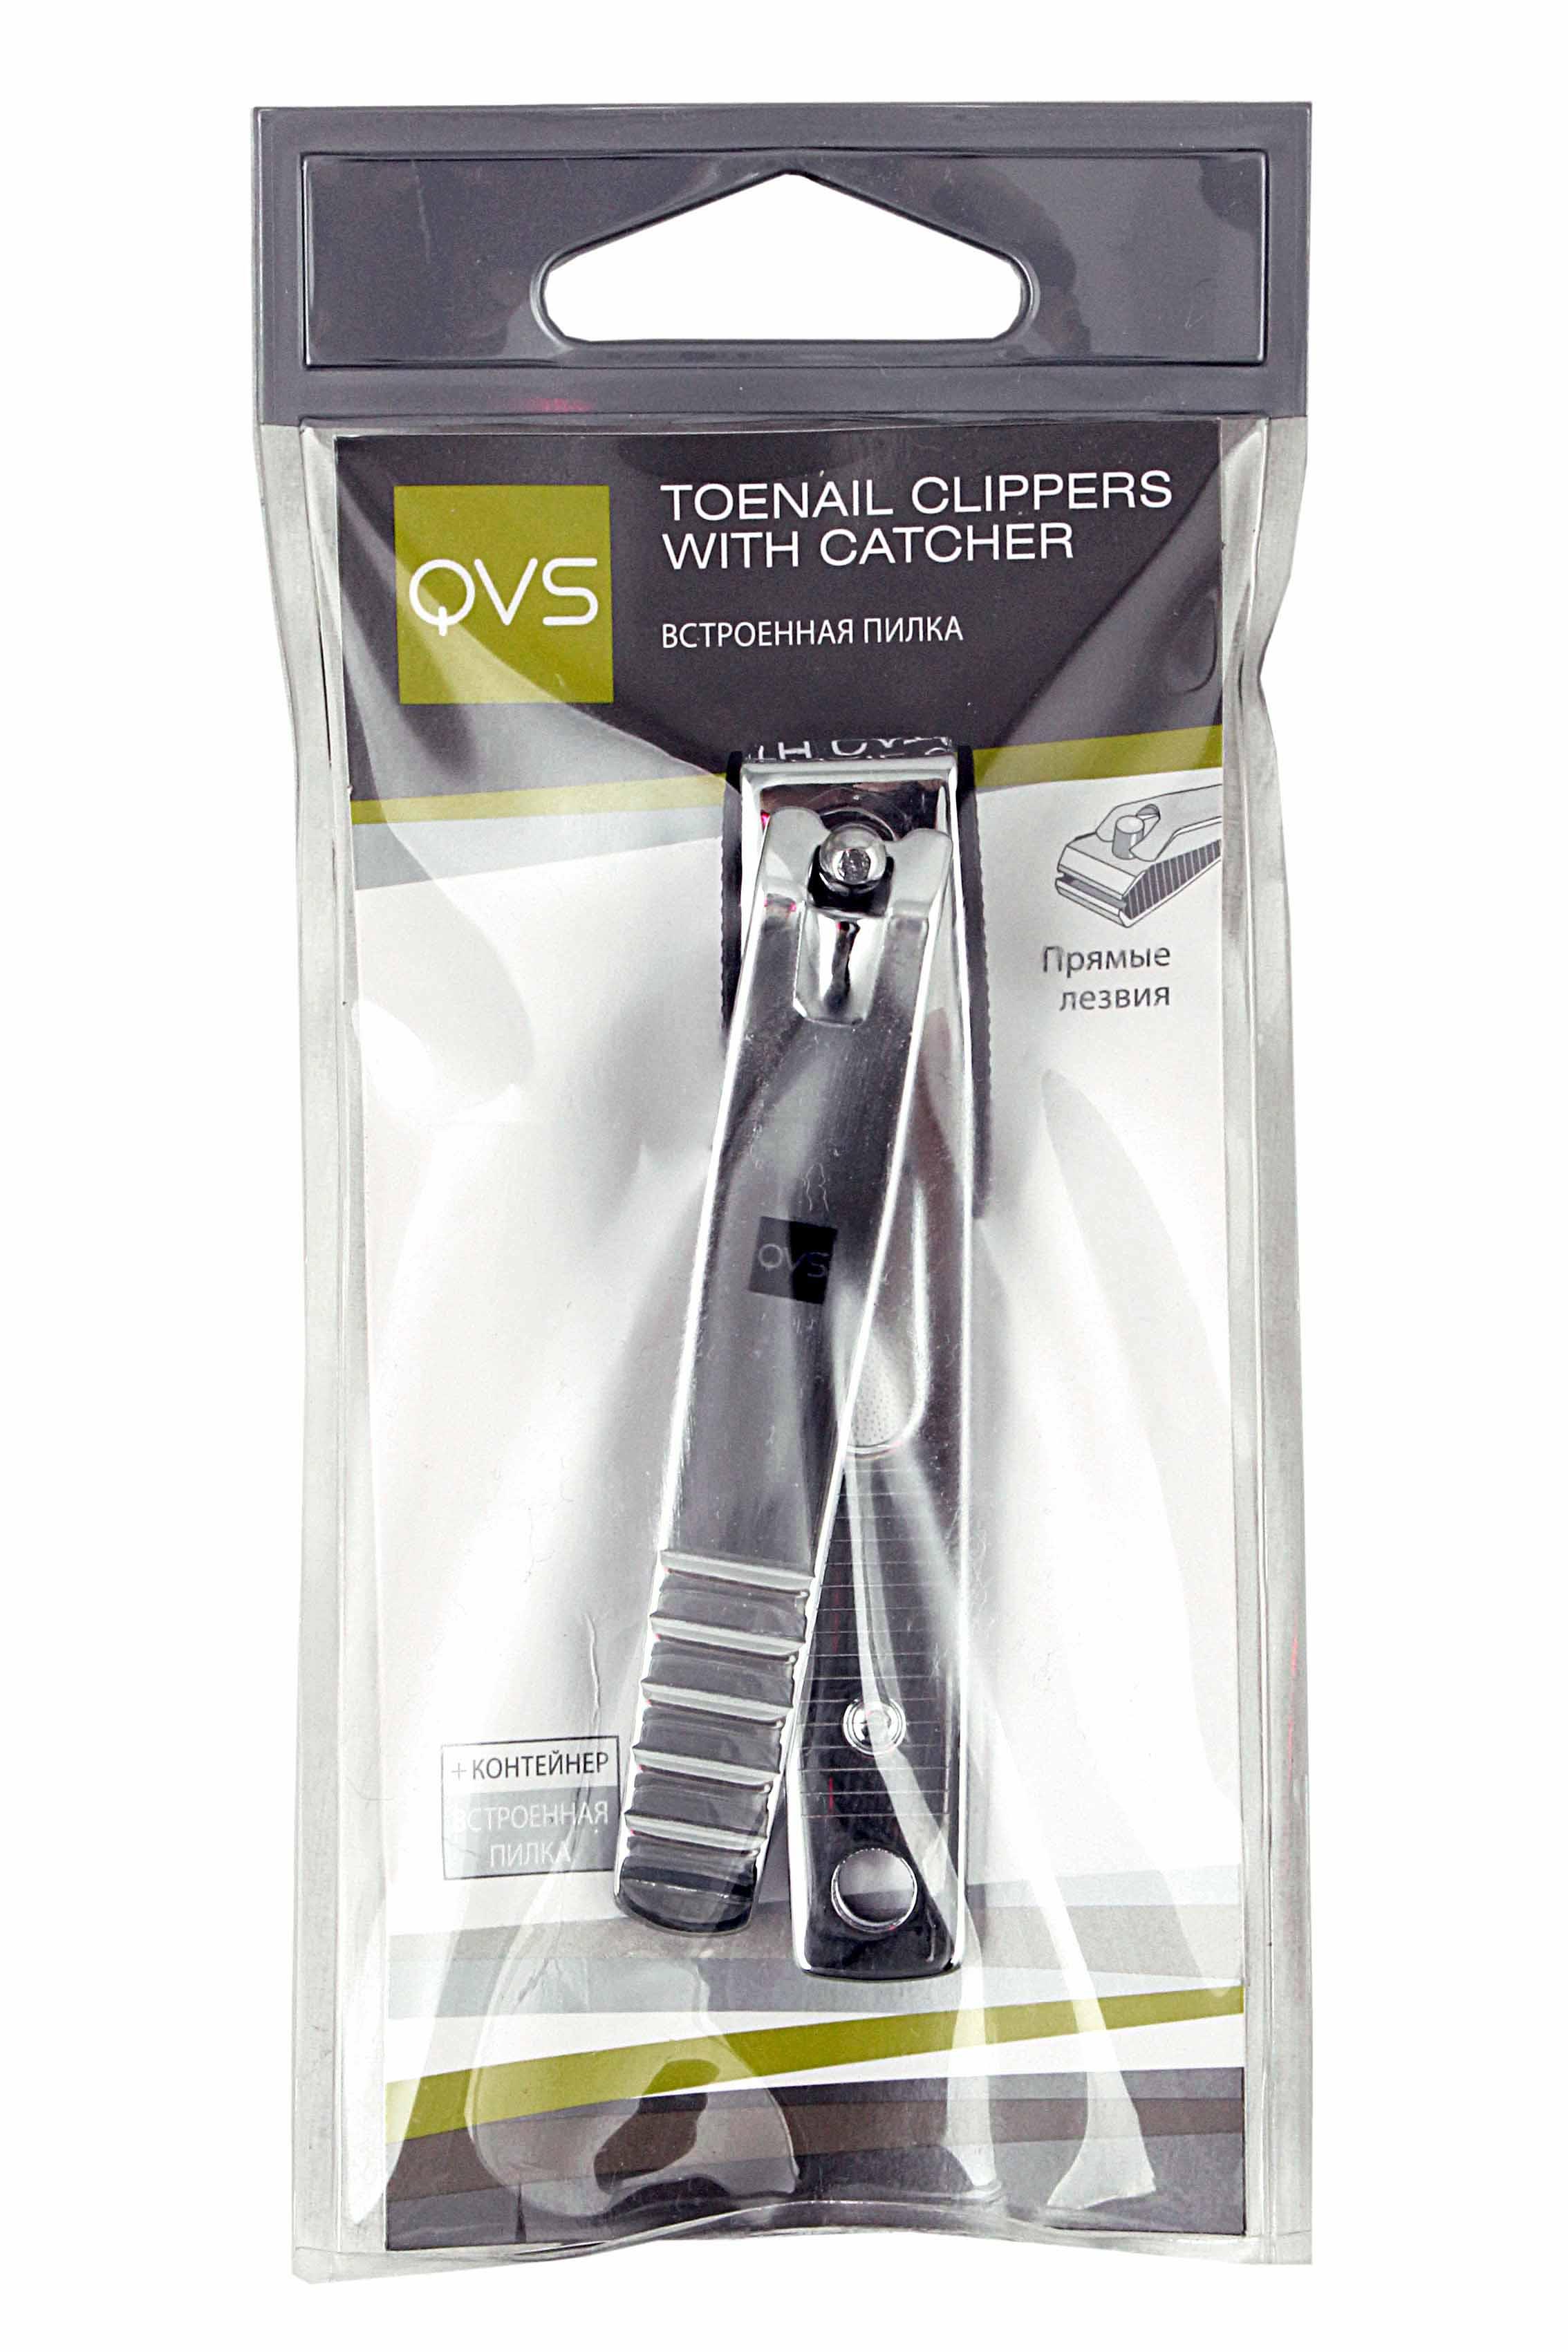 Приборы для маникюра и макияжа Qvs Real Brand Technics 132.000